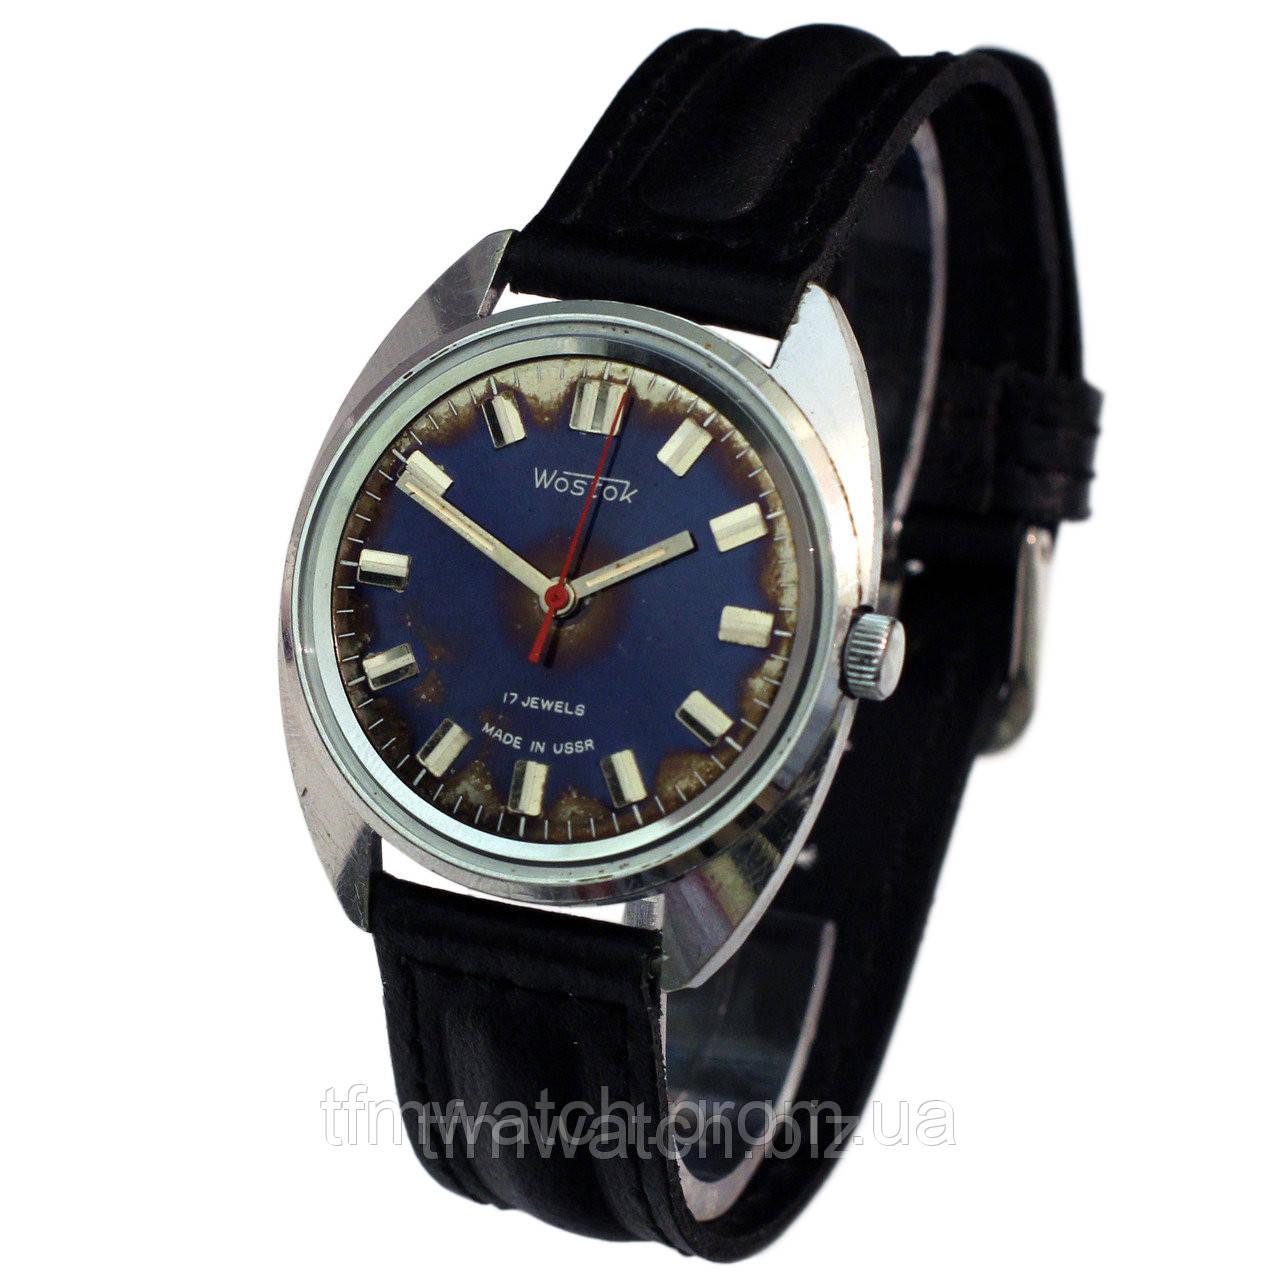 Старых часов восток стоимость продам наручные часы